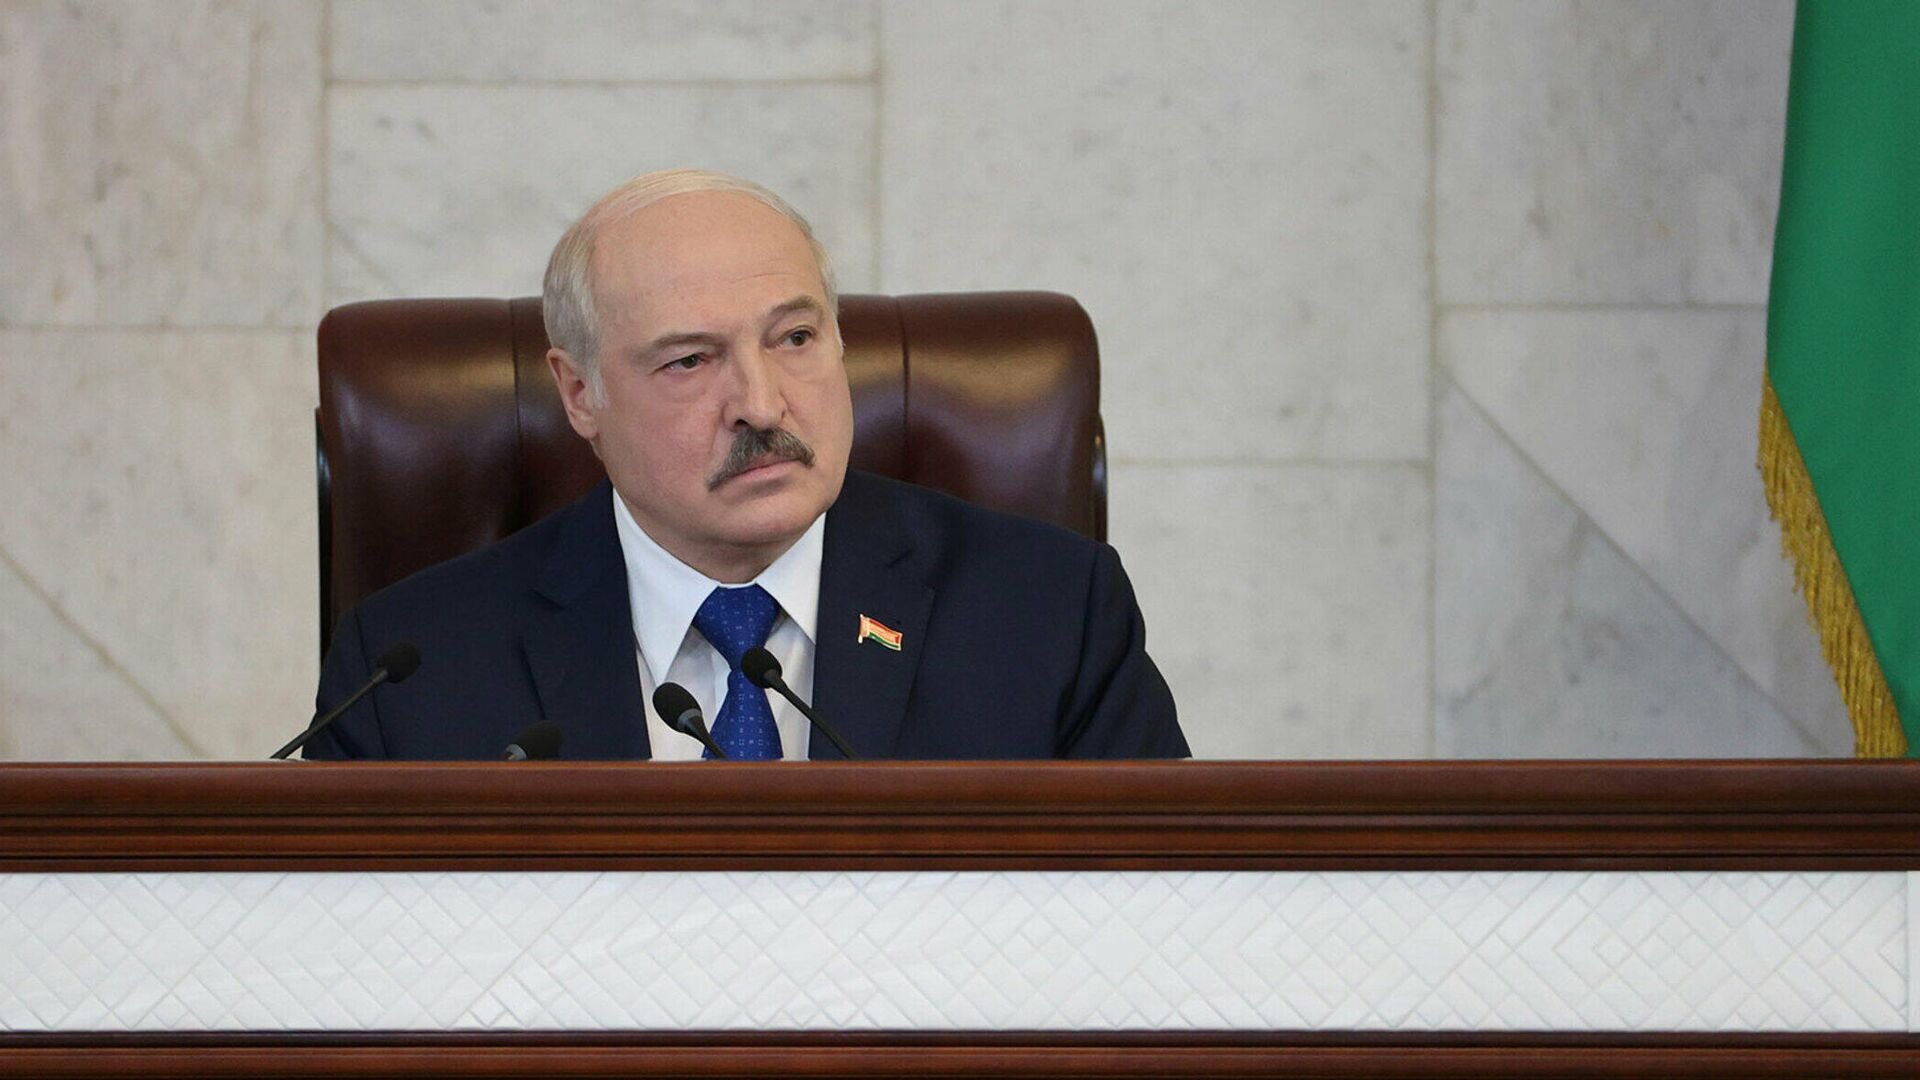 Президент Белоруссии Александр Лукашенко во время выступления в парламенте - РИА Новости, 1920, 02.07.2021